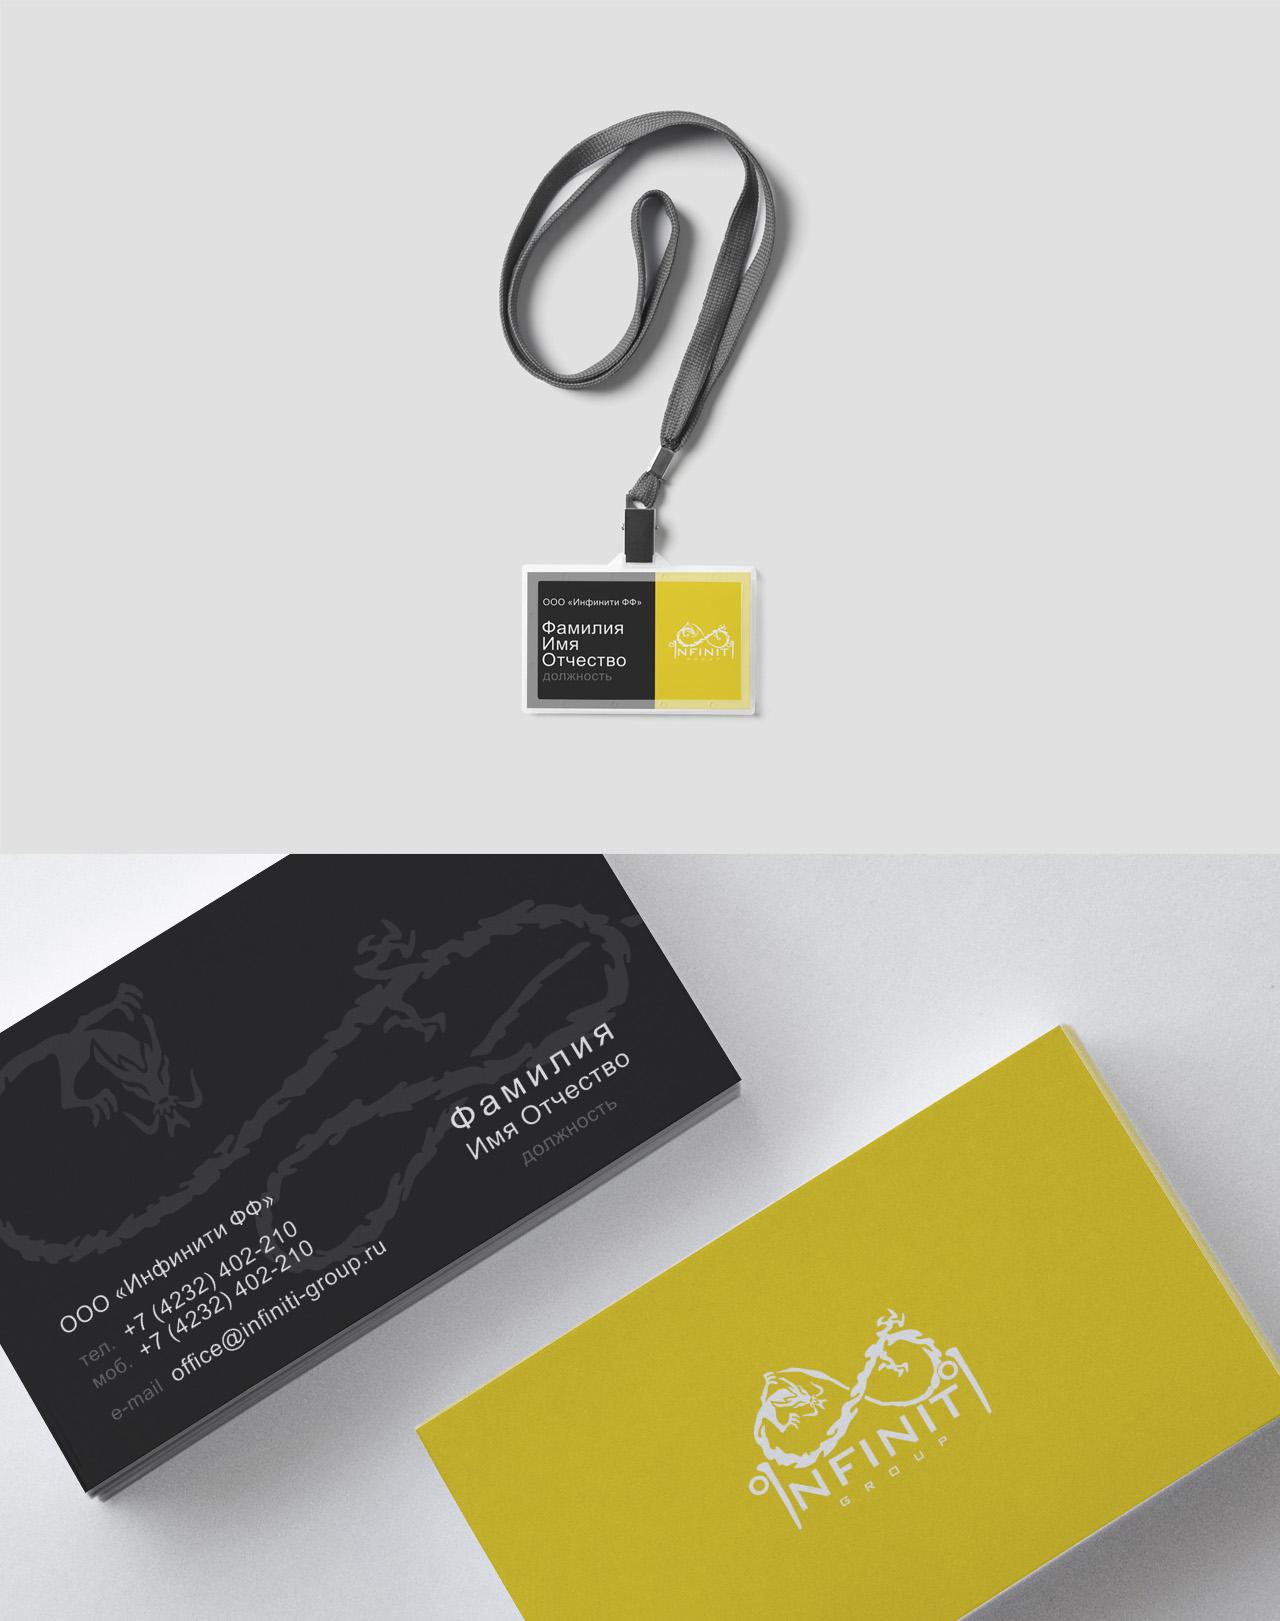 Требуется разработка дизайна визитки и карты доступа и т.п. фото f_60559137f33b62b5.jpg